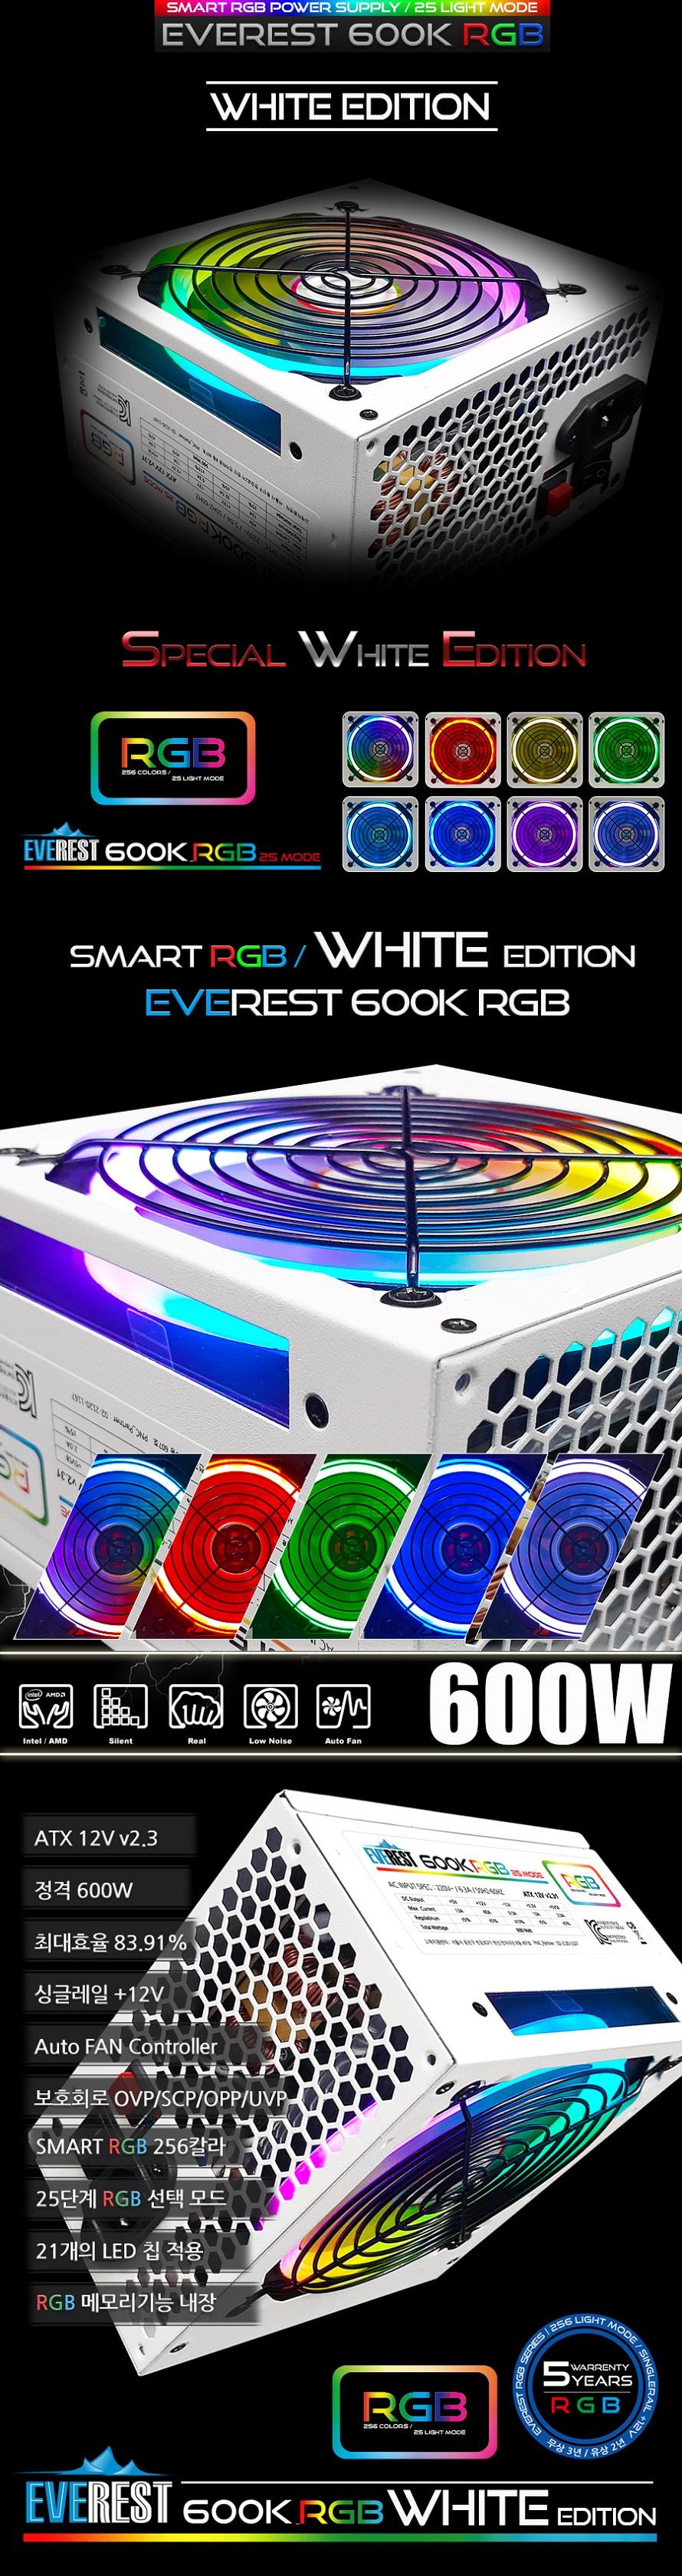 PNC PARTNER   EVEREST 600K RGB White